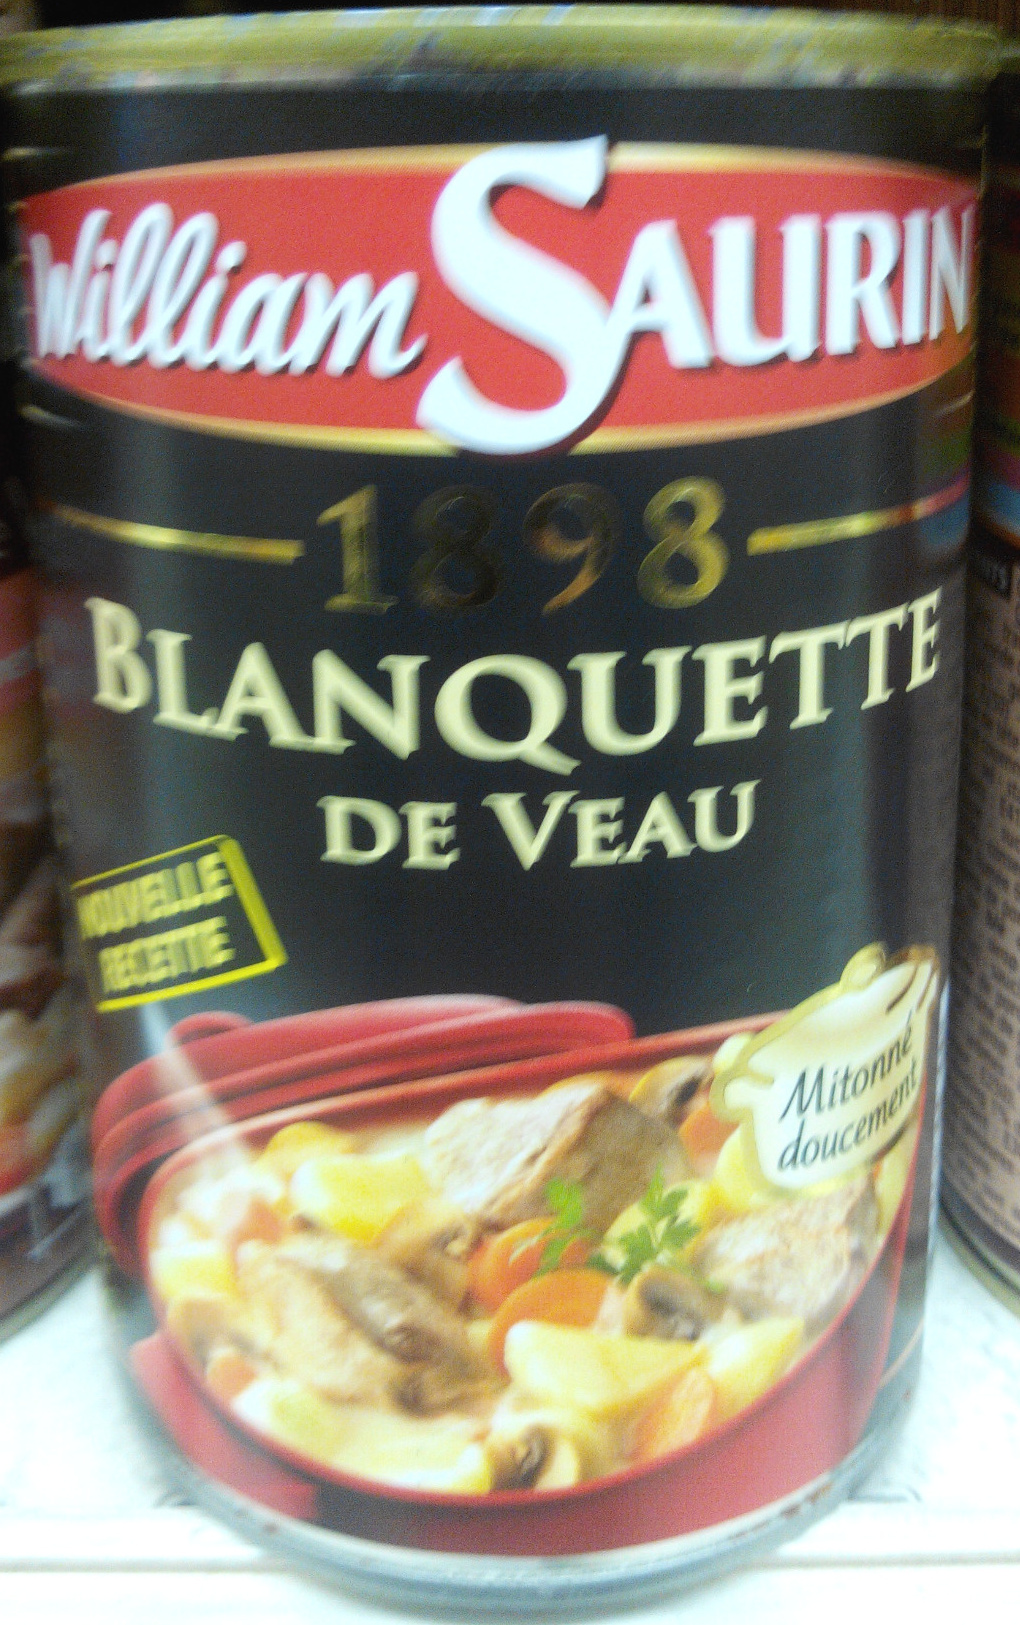 1898 Blanquette de veau - Product